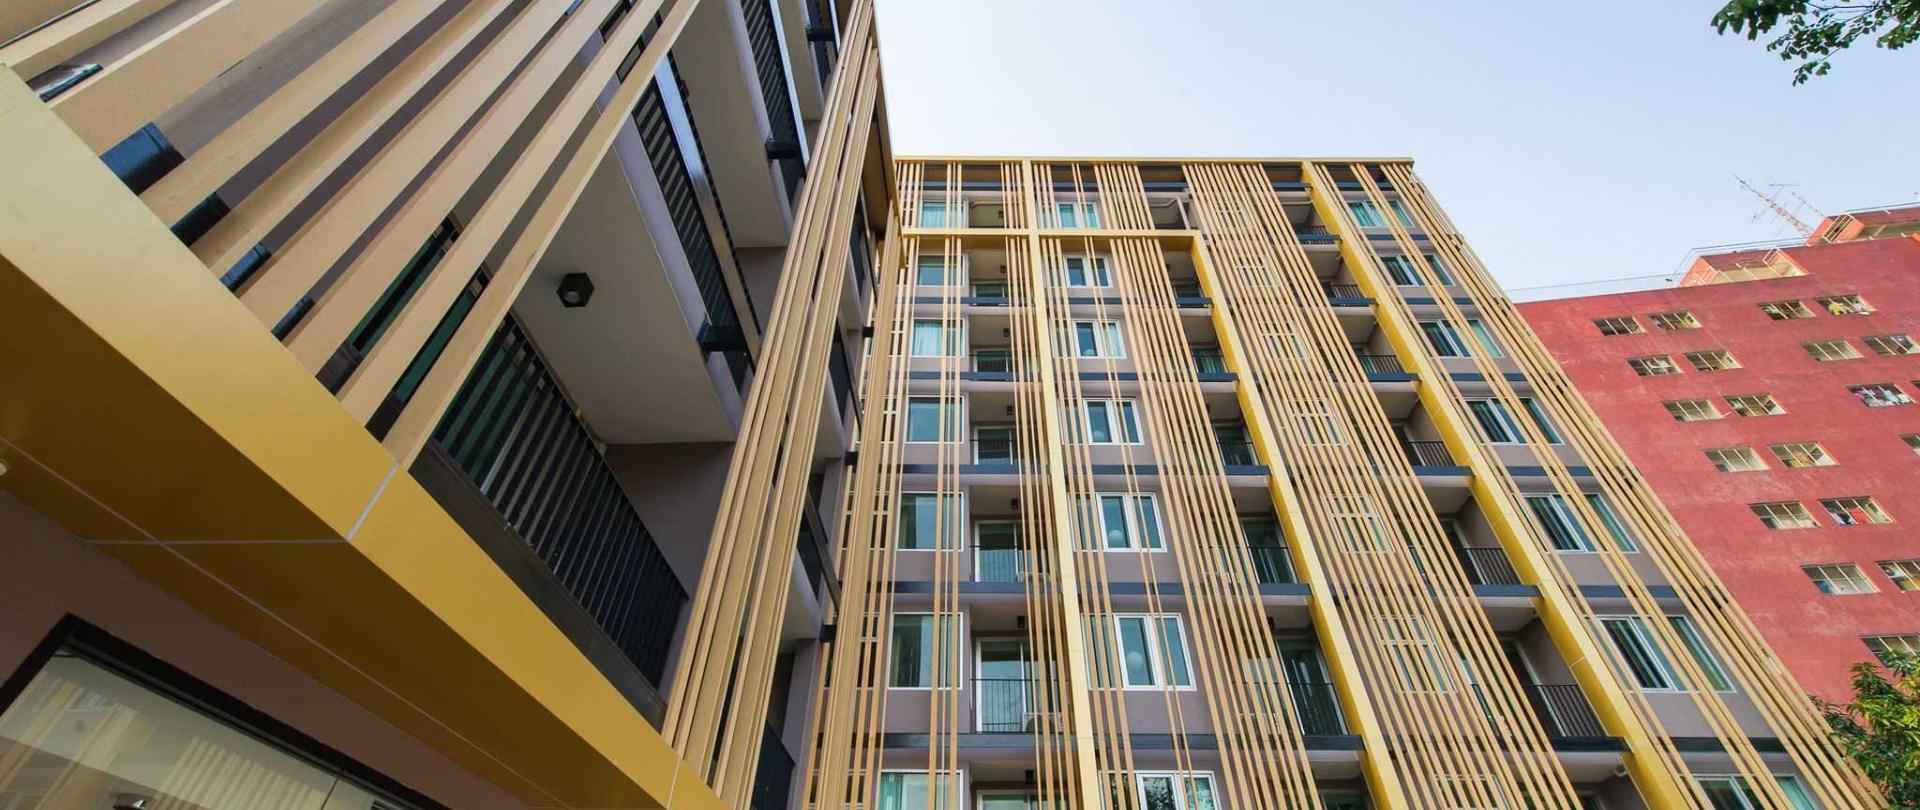 zenniq_hotel-72.jpg